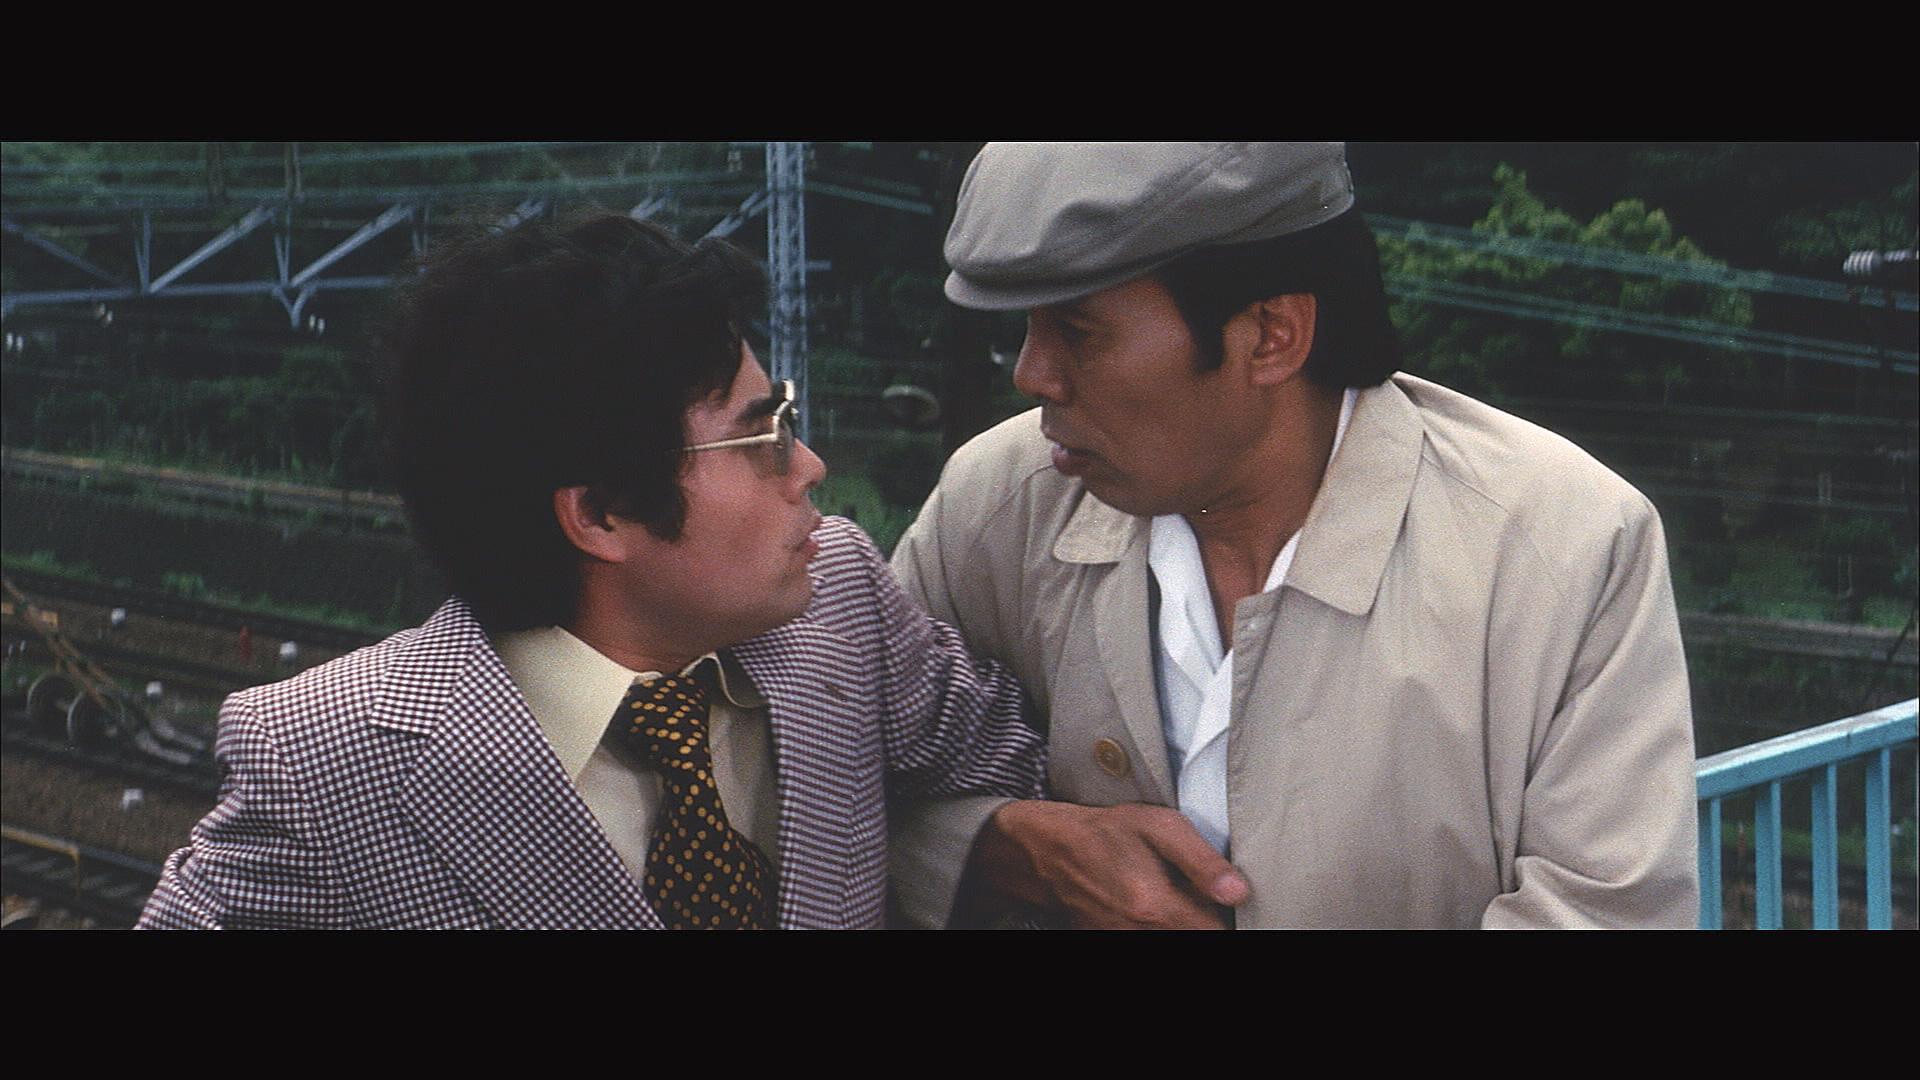 映画「ザ・ドリフターズのカモだ!!御用だ!!」【未DVD化作品】